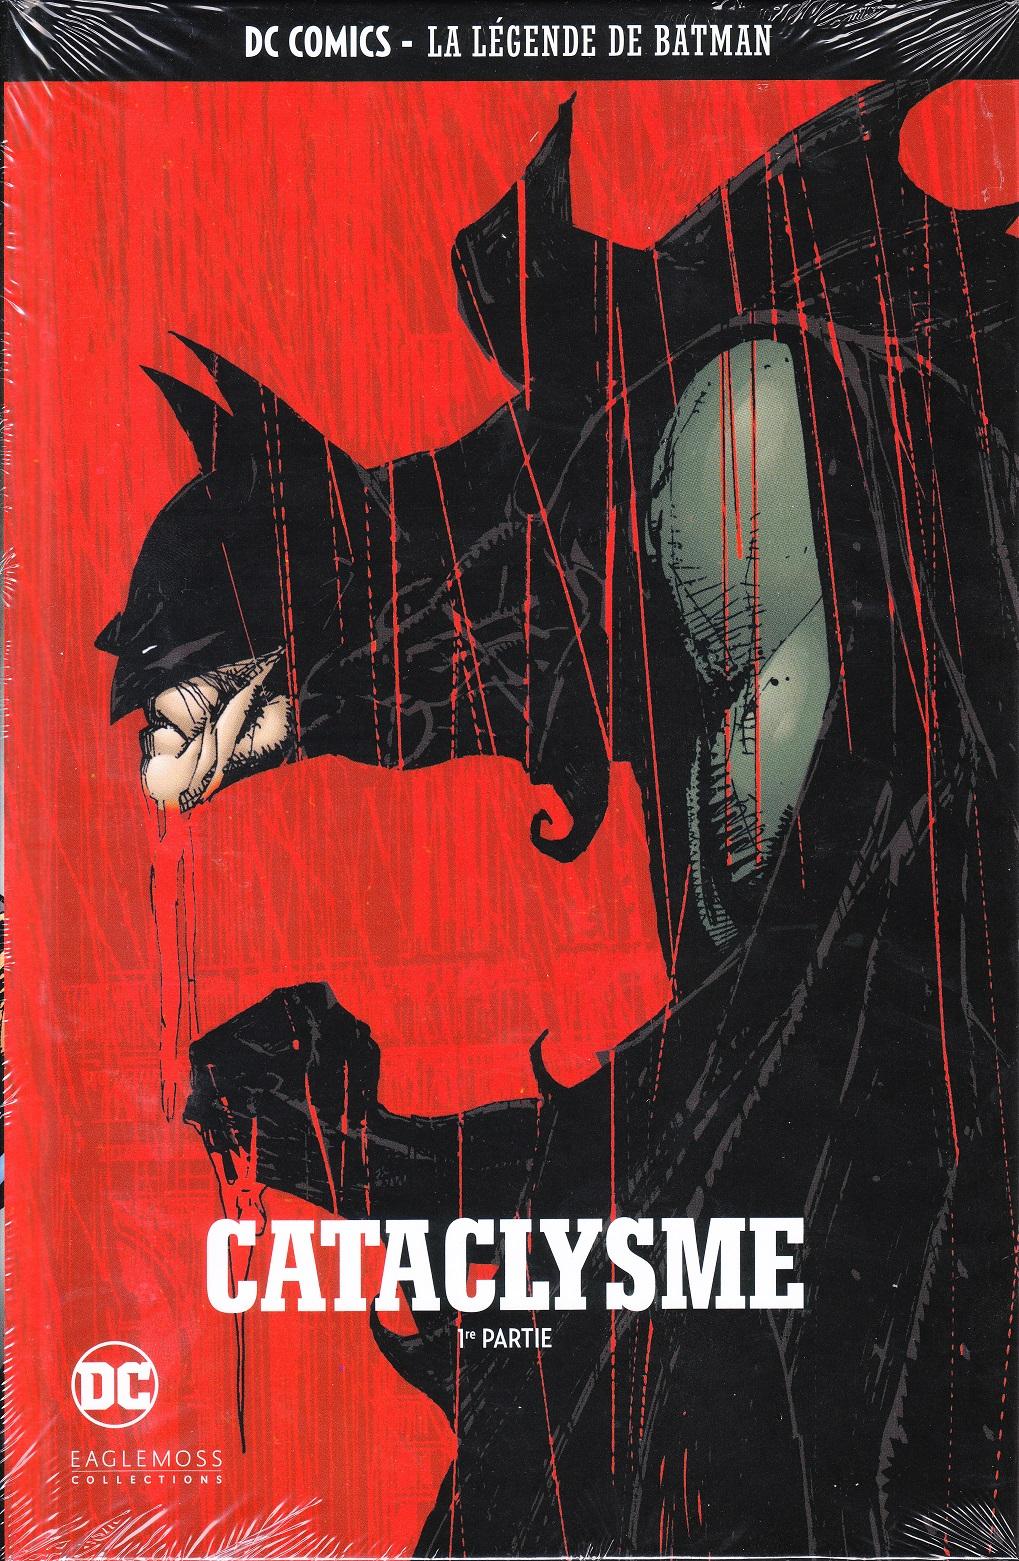 DC Comics - La Légende de Batman 31 - Cataclysme - 1re partie